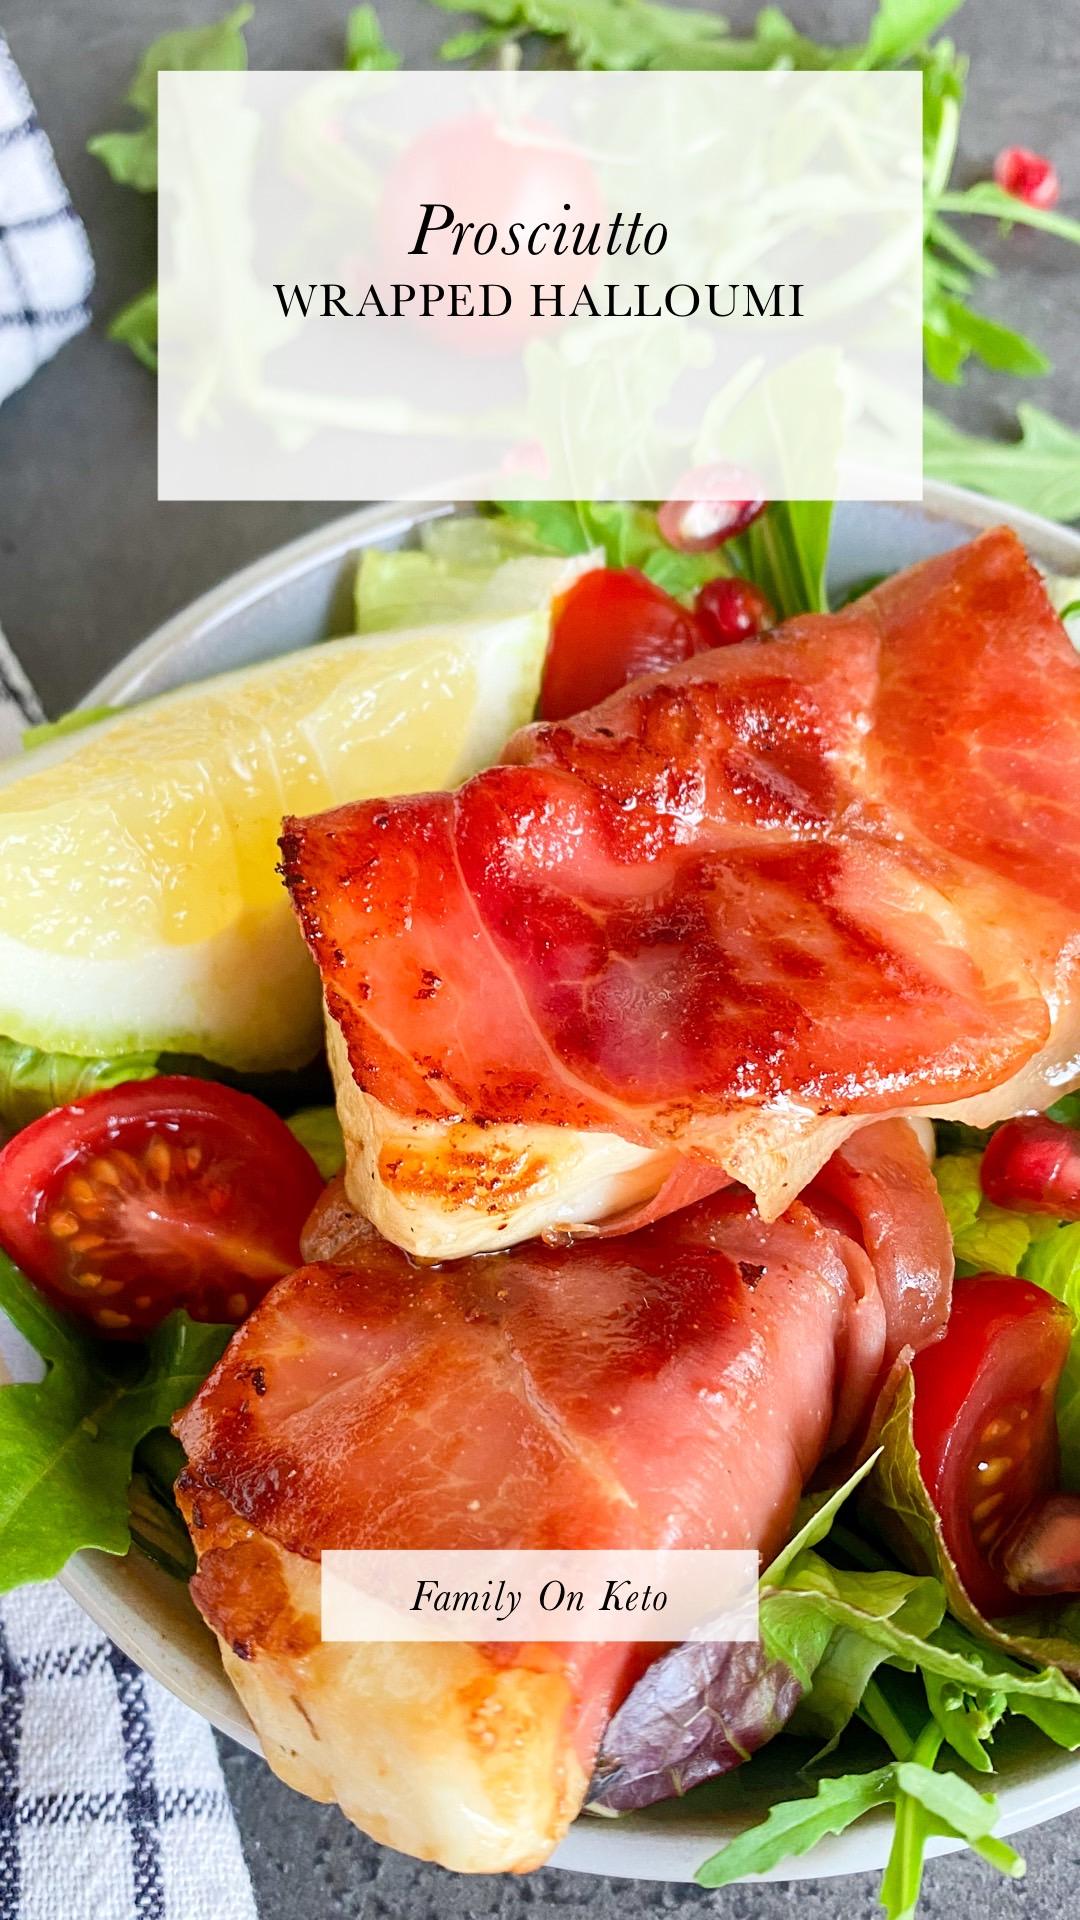 Picture of keto prosciutto wrapped halloumi